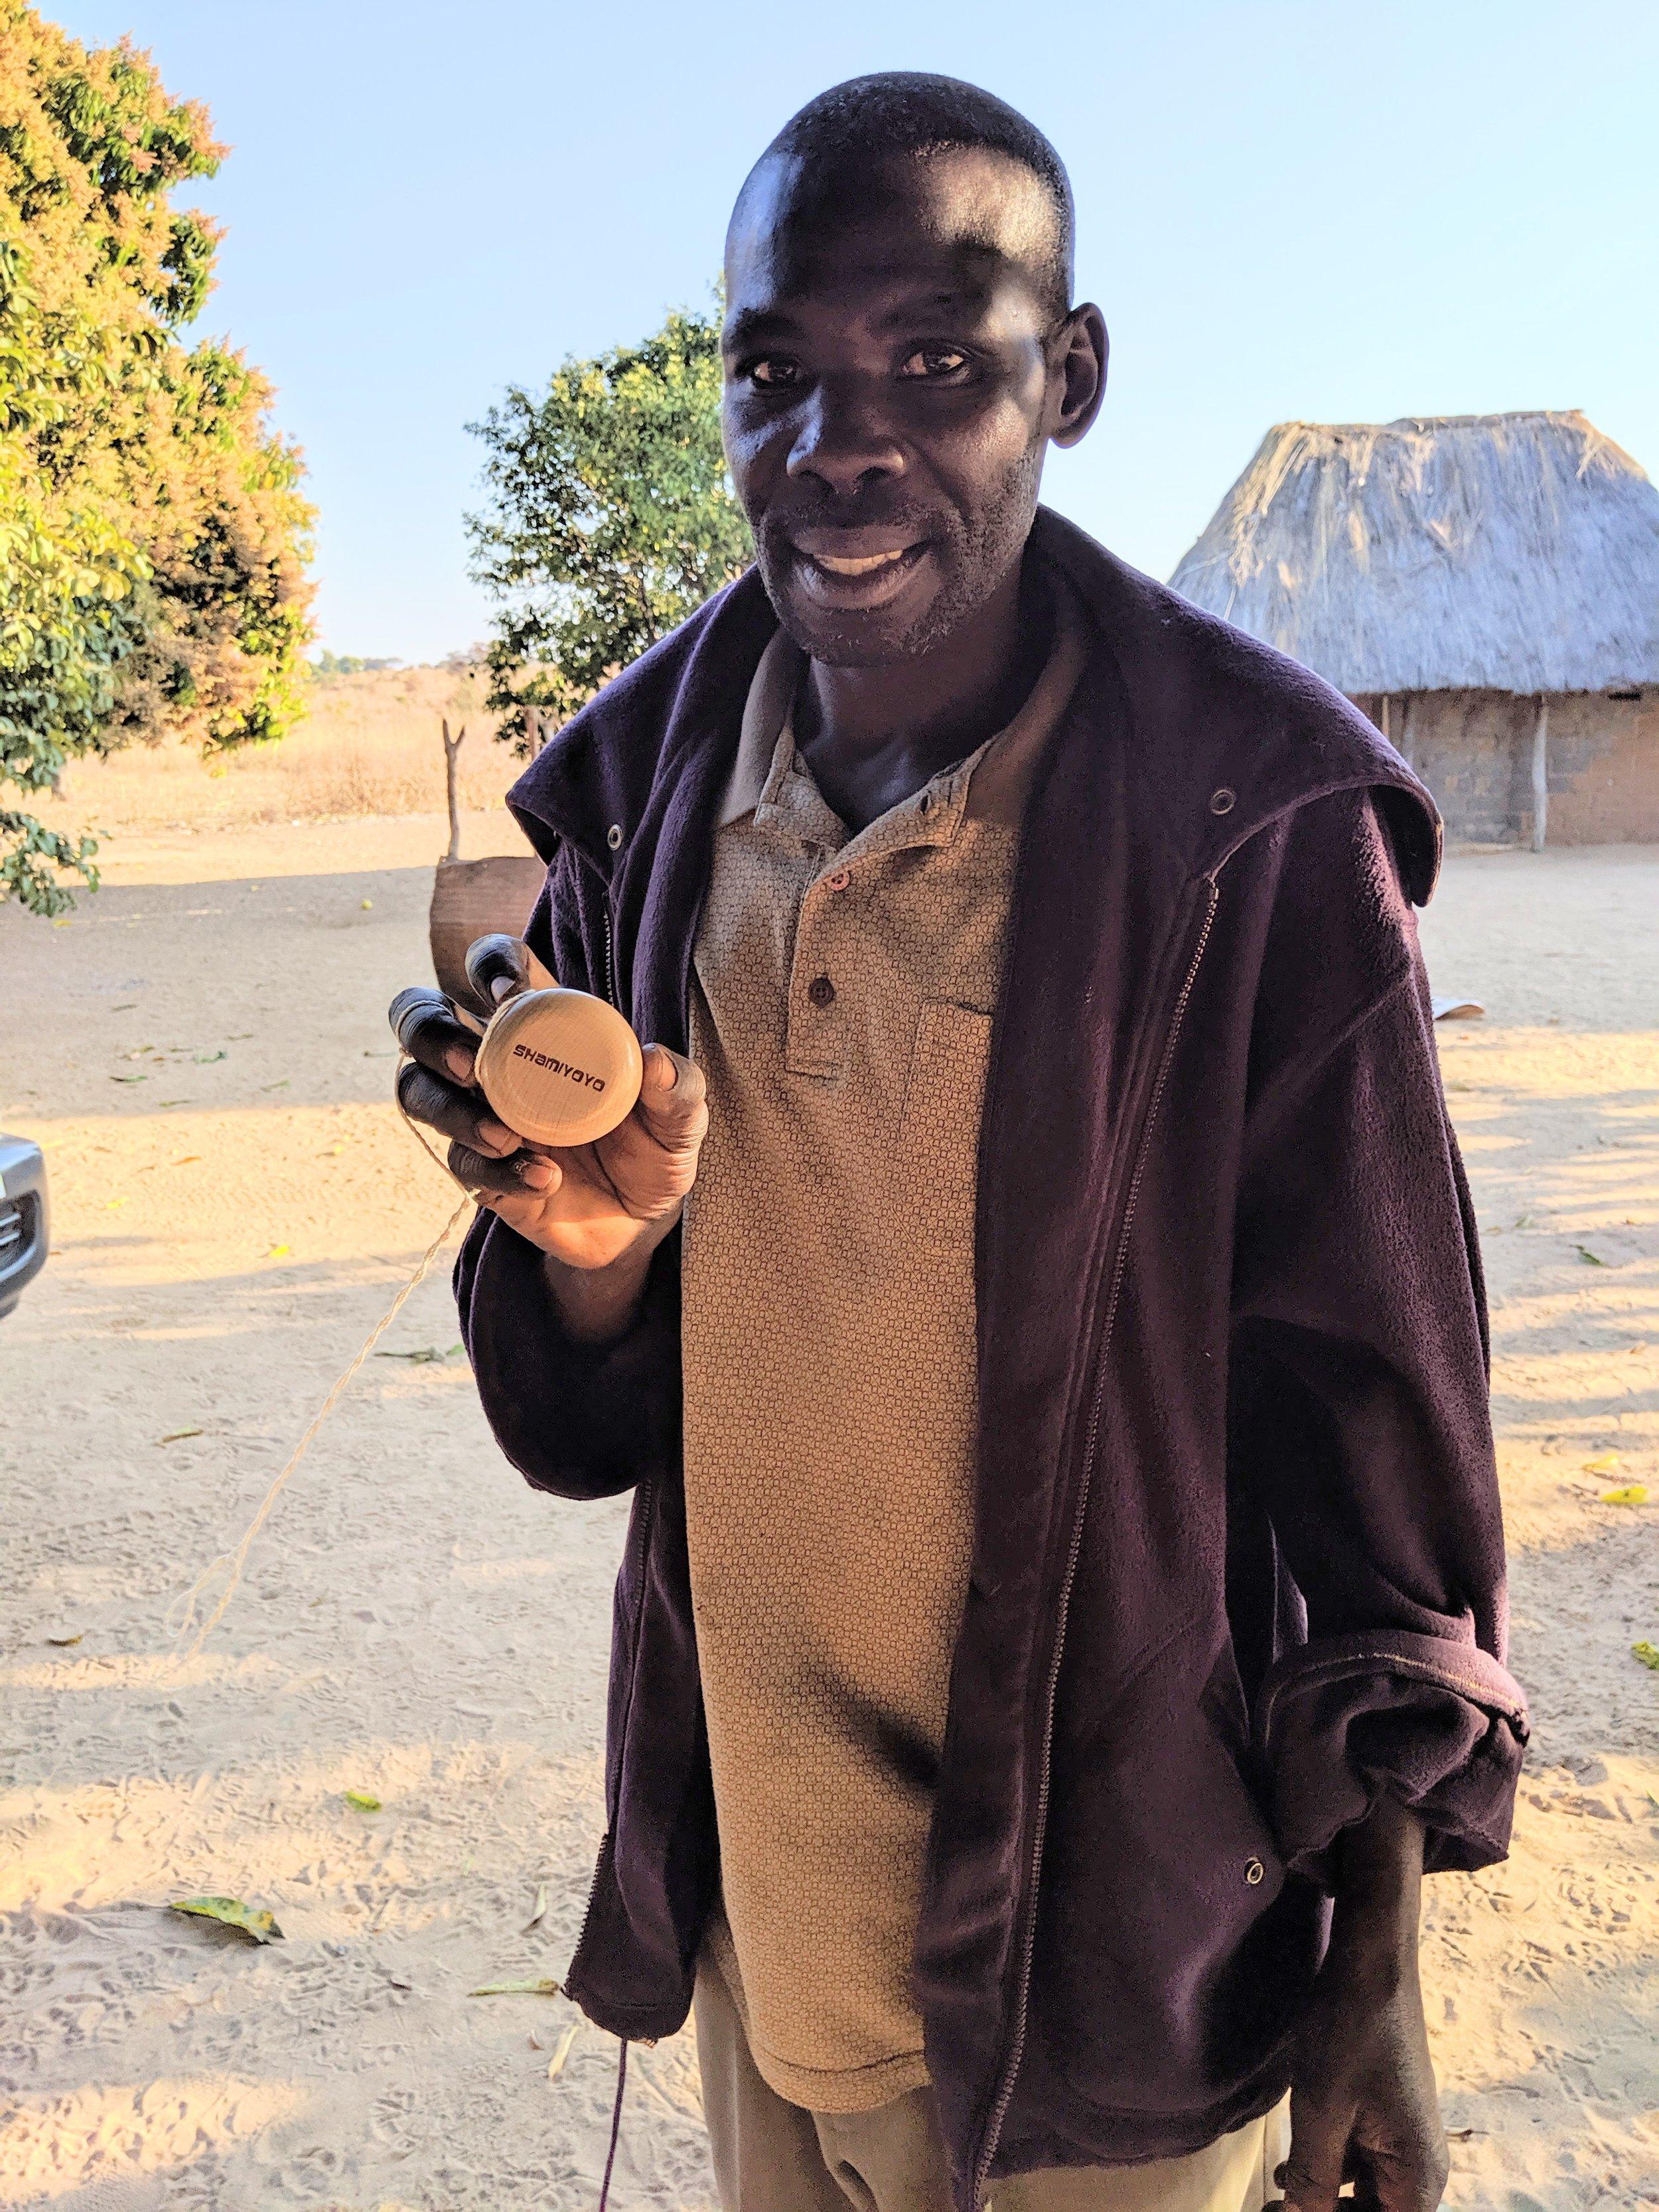 Mr. Charles Shamiyoyo with his new yoyo